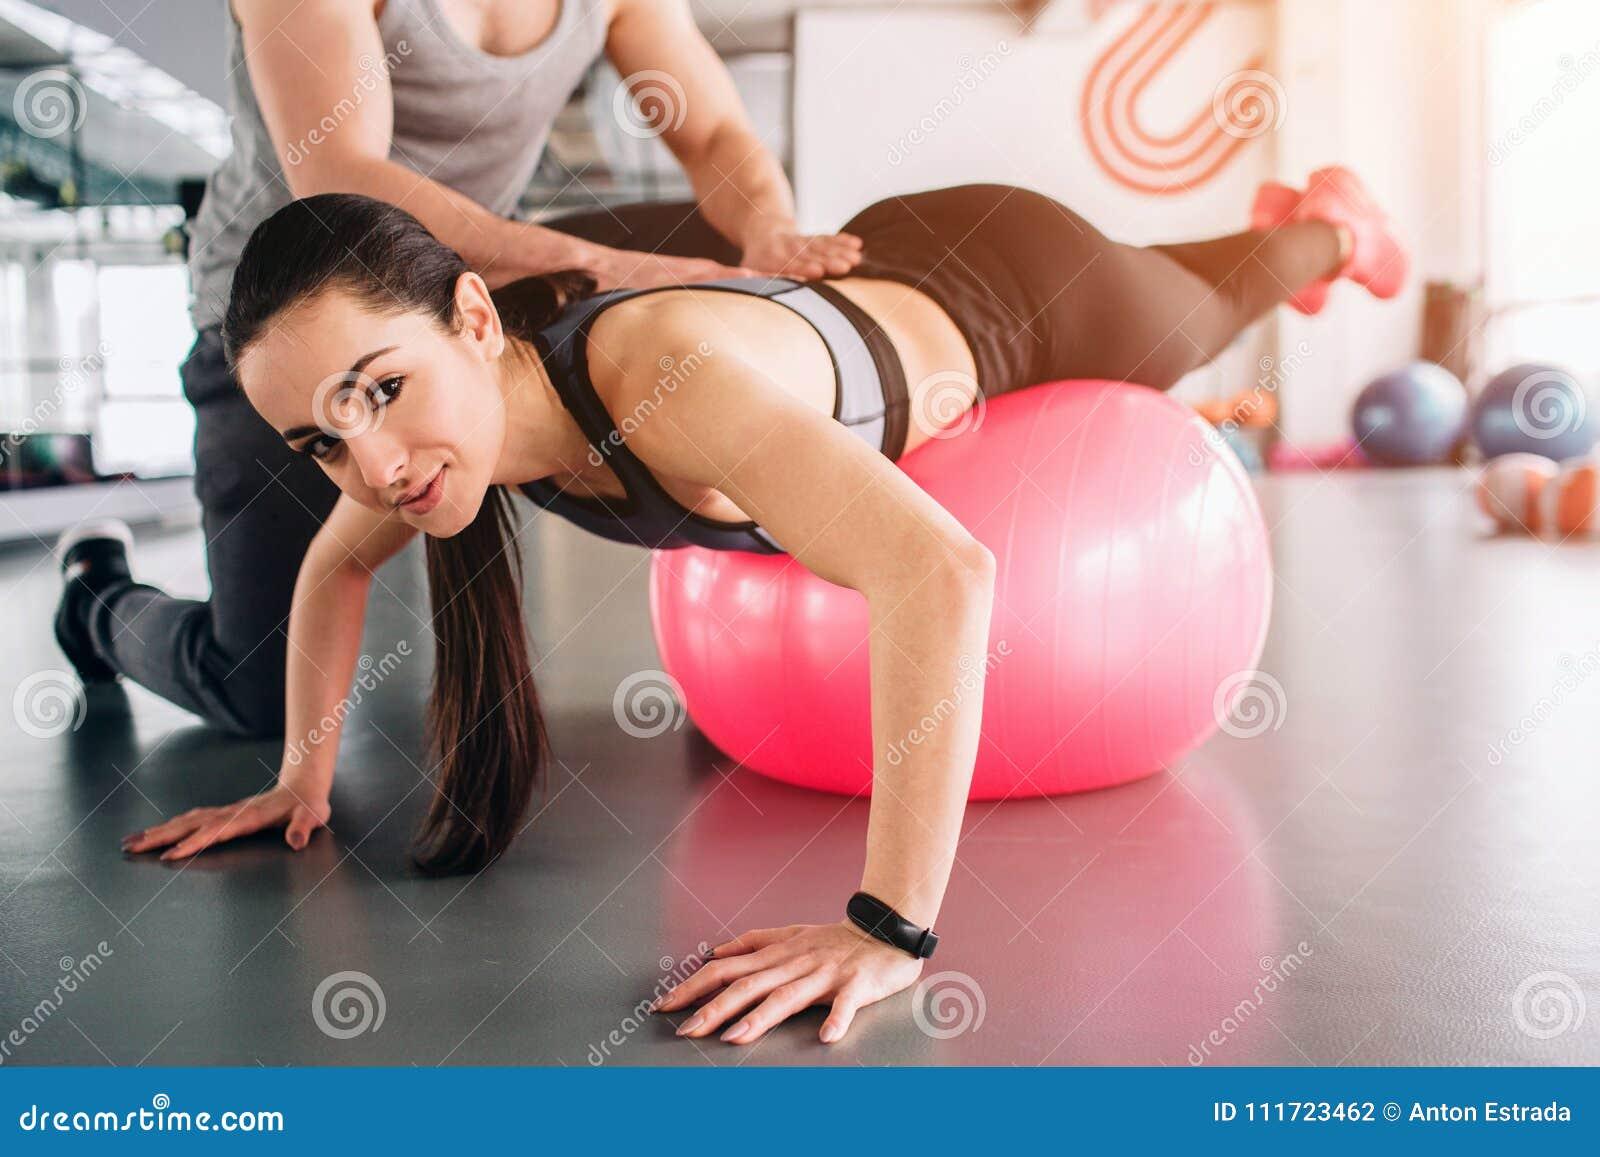 Stäng sig upp och klipp sikten av en flicka som ligger på den stora konditionbollen och ser rak framåt Hennes instruktör försöker